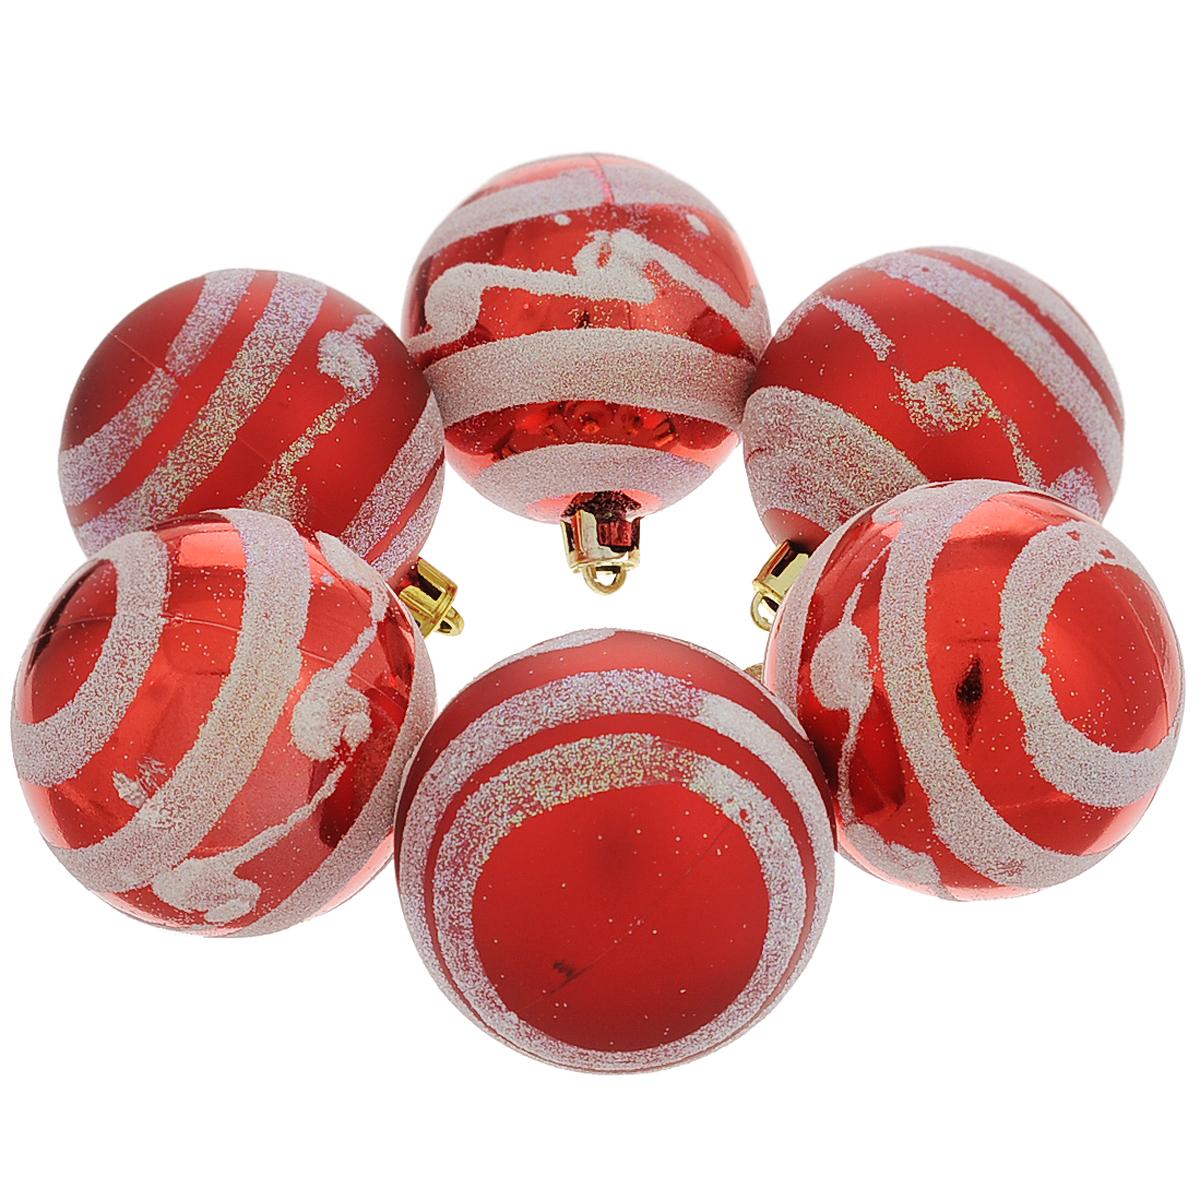 Набор новогодних подвесных украшений Шар, цвет: красный, серебристый, диаметр 6 см, 6 шт. 3550434905Набор новогодних подвесных украшений Шар прекрасно подойдет для праздничного декора новогодней ели. Состоит из шести шаров.Елочная игрушка - символ Нового года. Она несет в себе волшебство и красоту праздника. Создайте в своем доме атмосферу веселья и радости, украшая новогоднюю елку нарядными игрушками, которые будут из года в год накапливать теплоту воспоминаний. Коллекция декоративных украшений принесет в ваш дом ни с чем несравнимое ощущение волшебства! Откройте для себя удивительный мир сказок и грез. Почувствуйте волшебные минуты ожидания праздника, создайте новогоднее настроение вашим дорогим и близким.